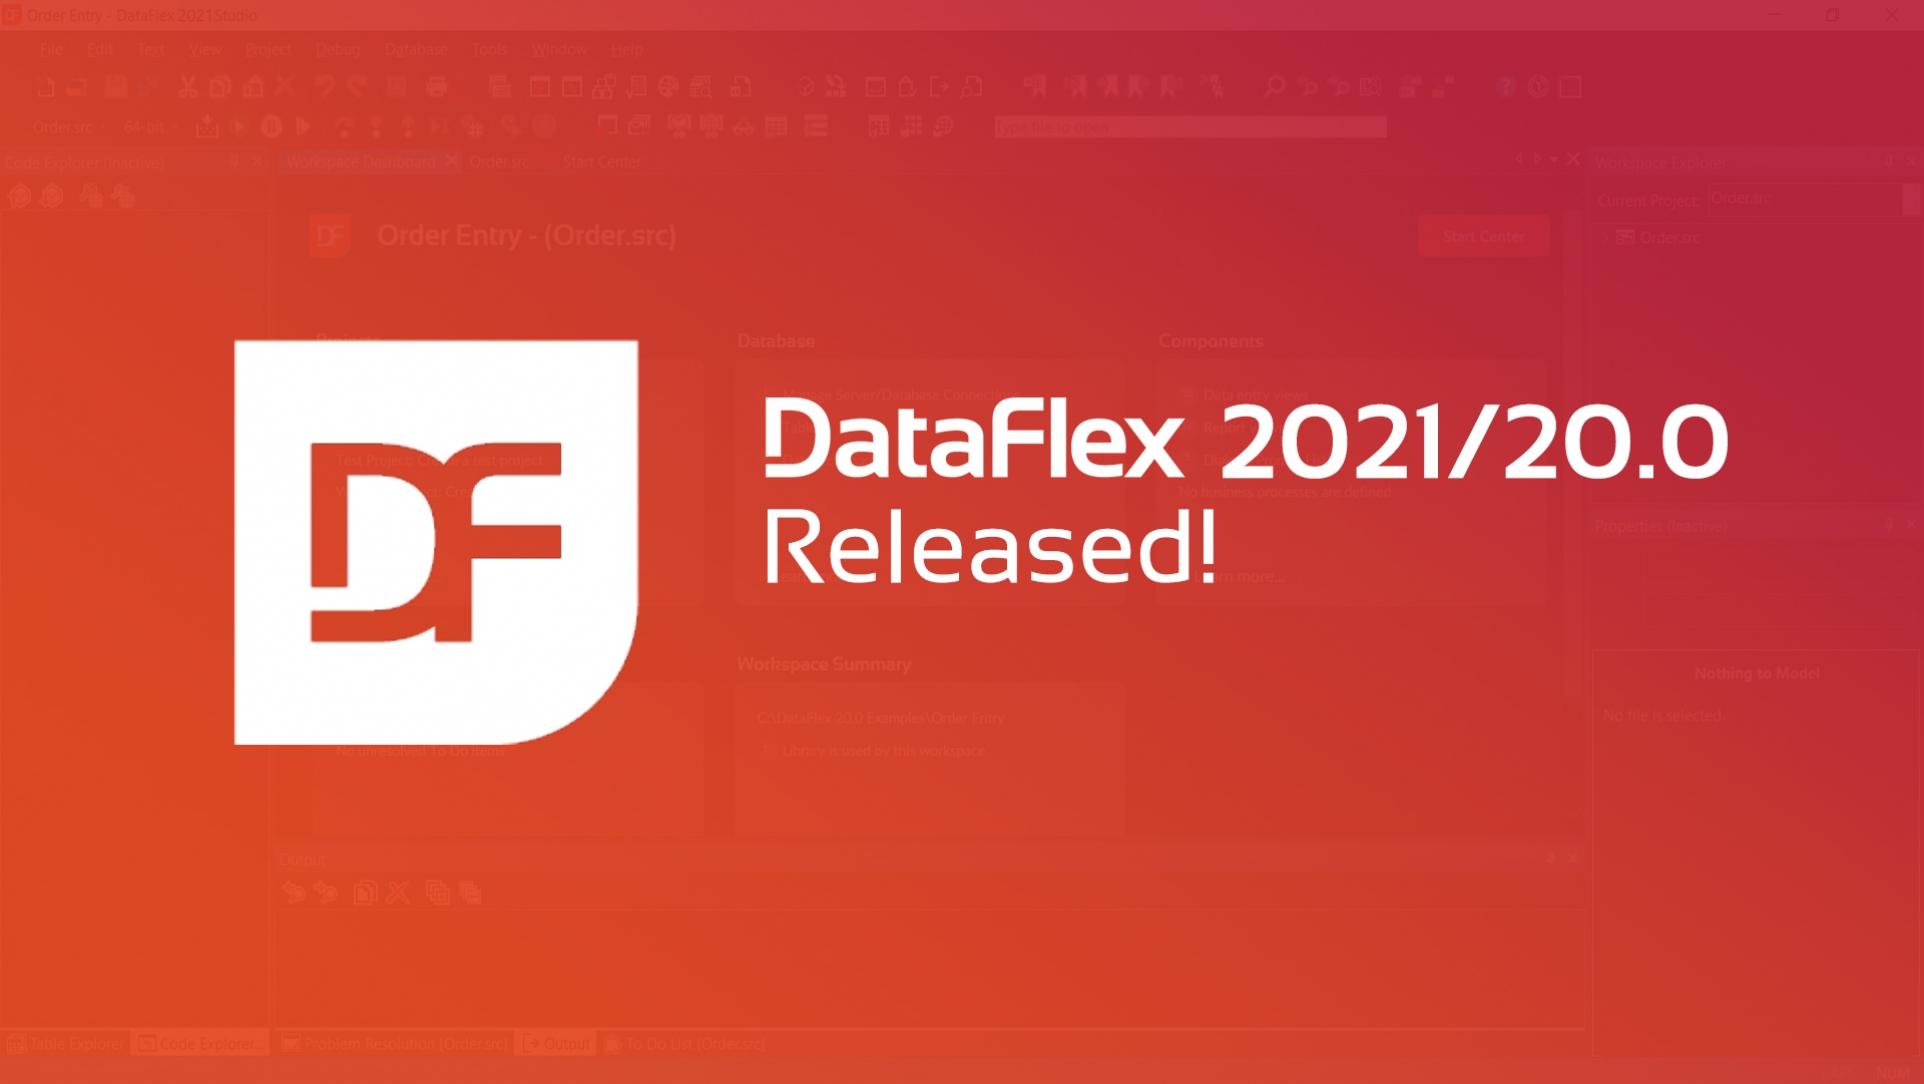 DataFlex 2021 Released!